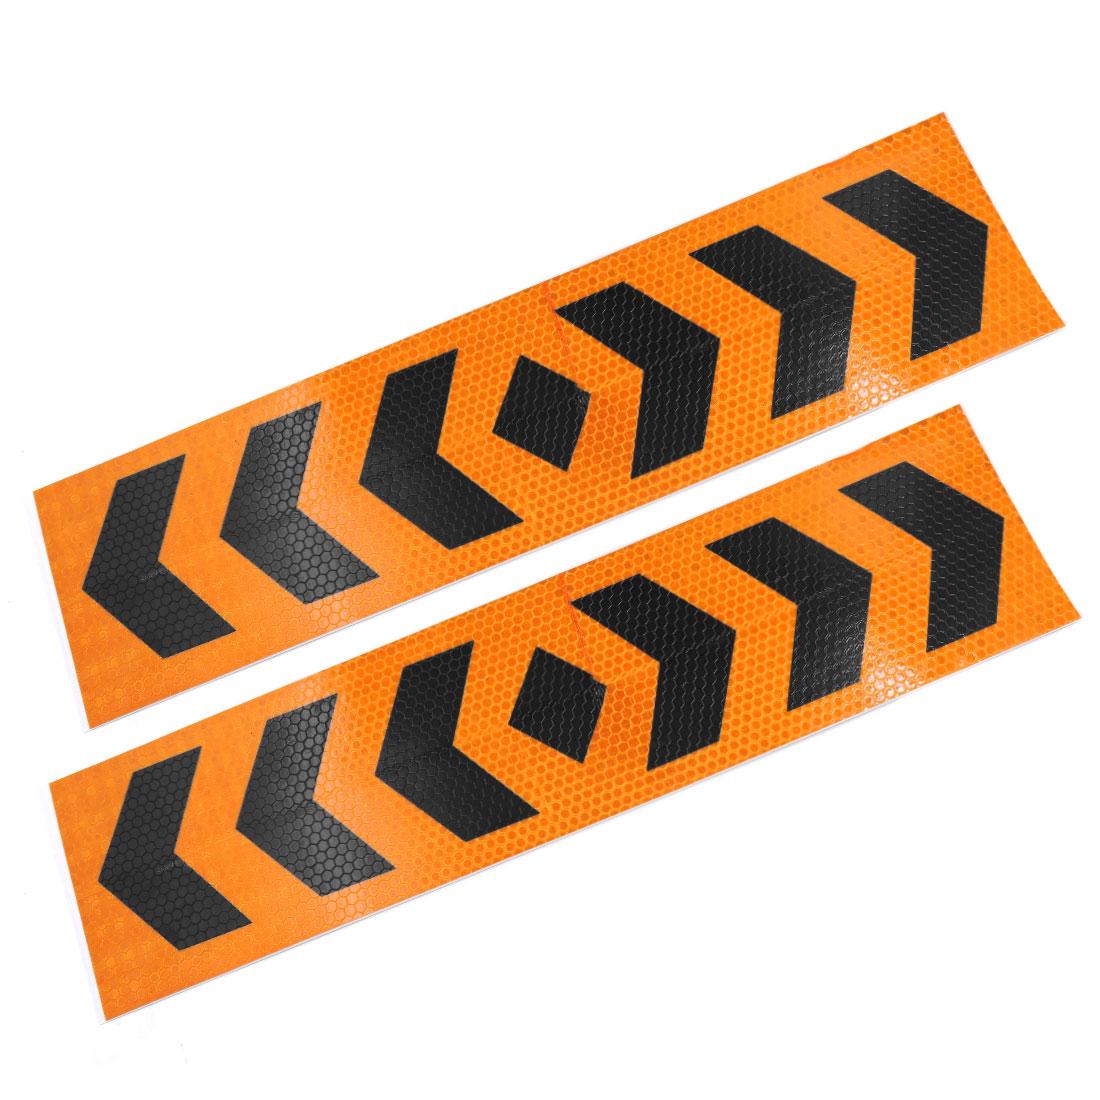 Orange Black Arrow Pattern Reflective Safety Sticker Decals 39cm x 9.5cm 2pcs